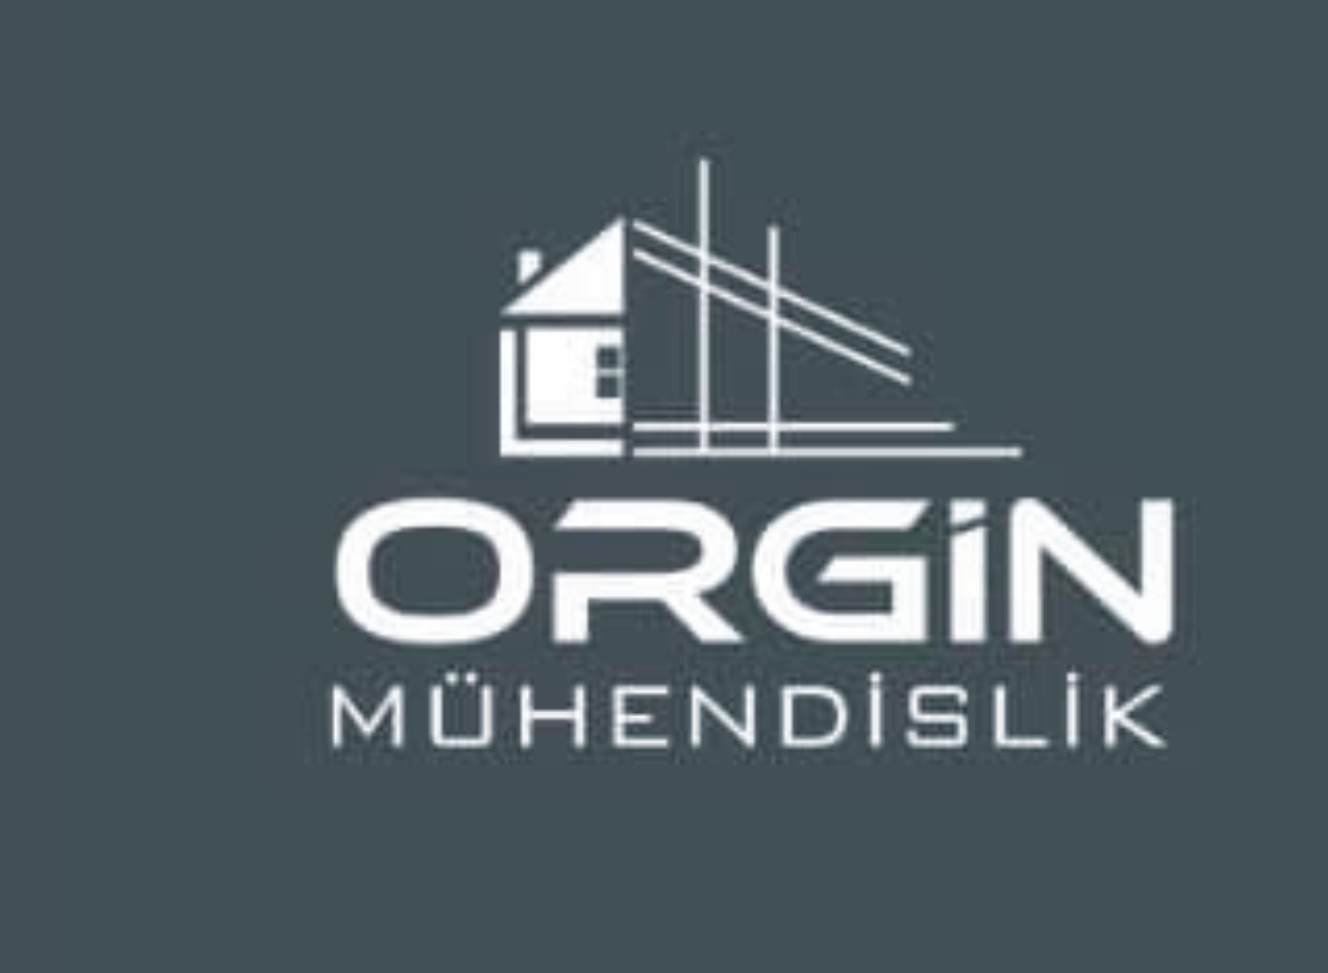 Orgin Mühendislik